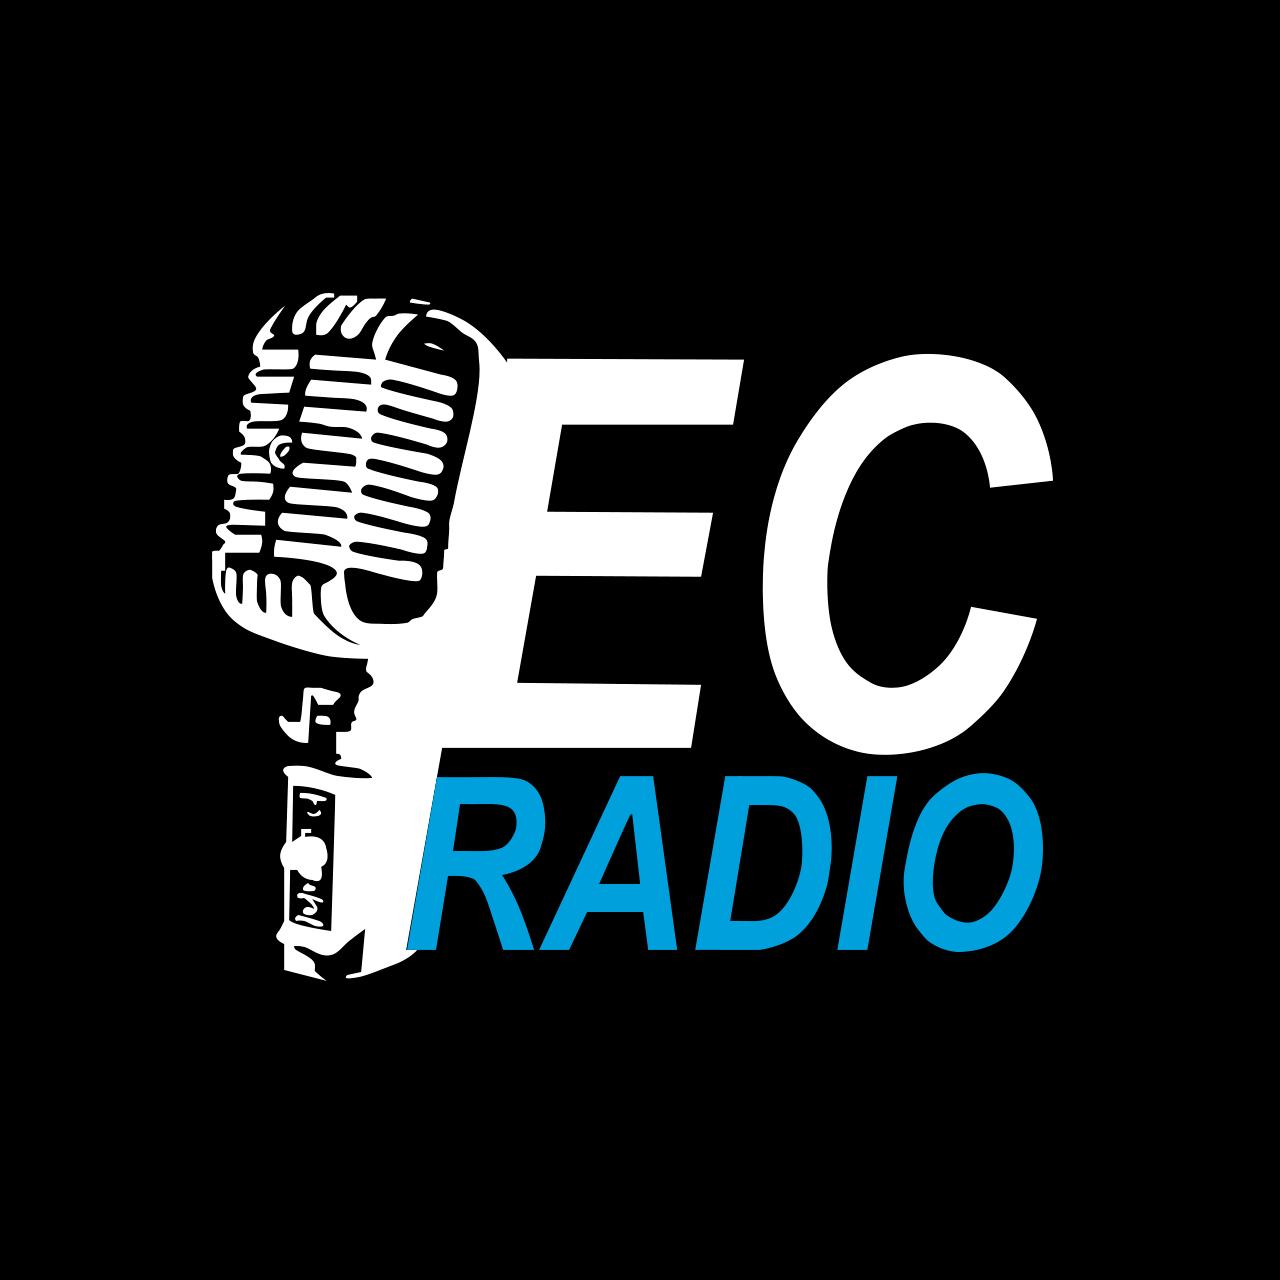 EC RADIO IPUC